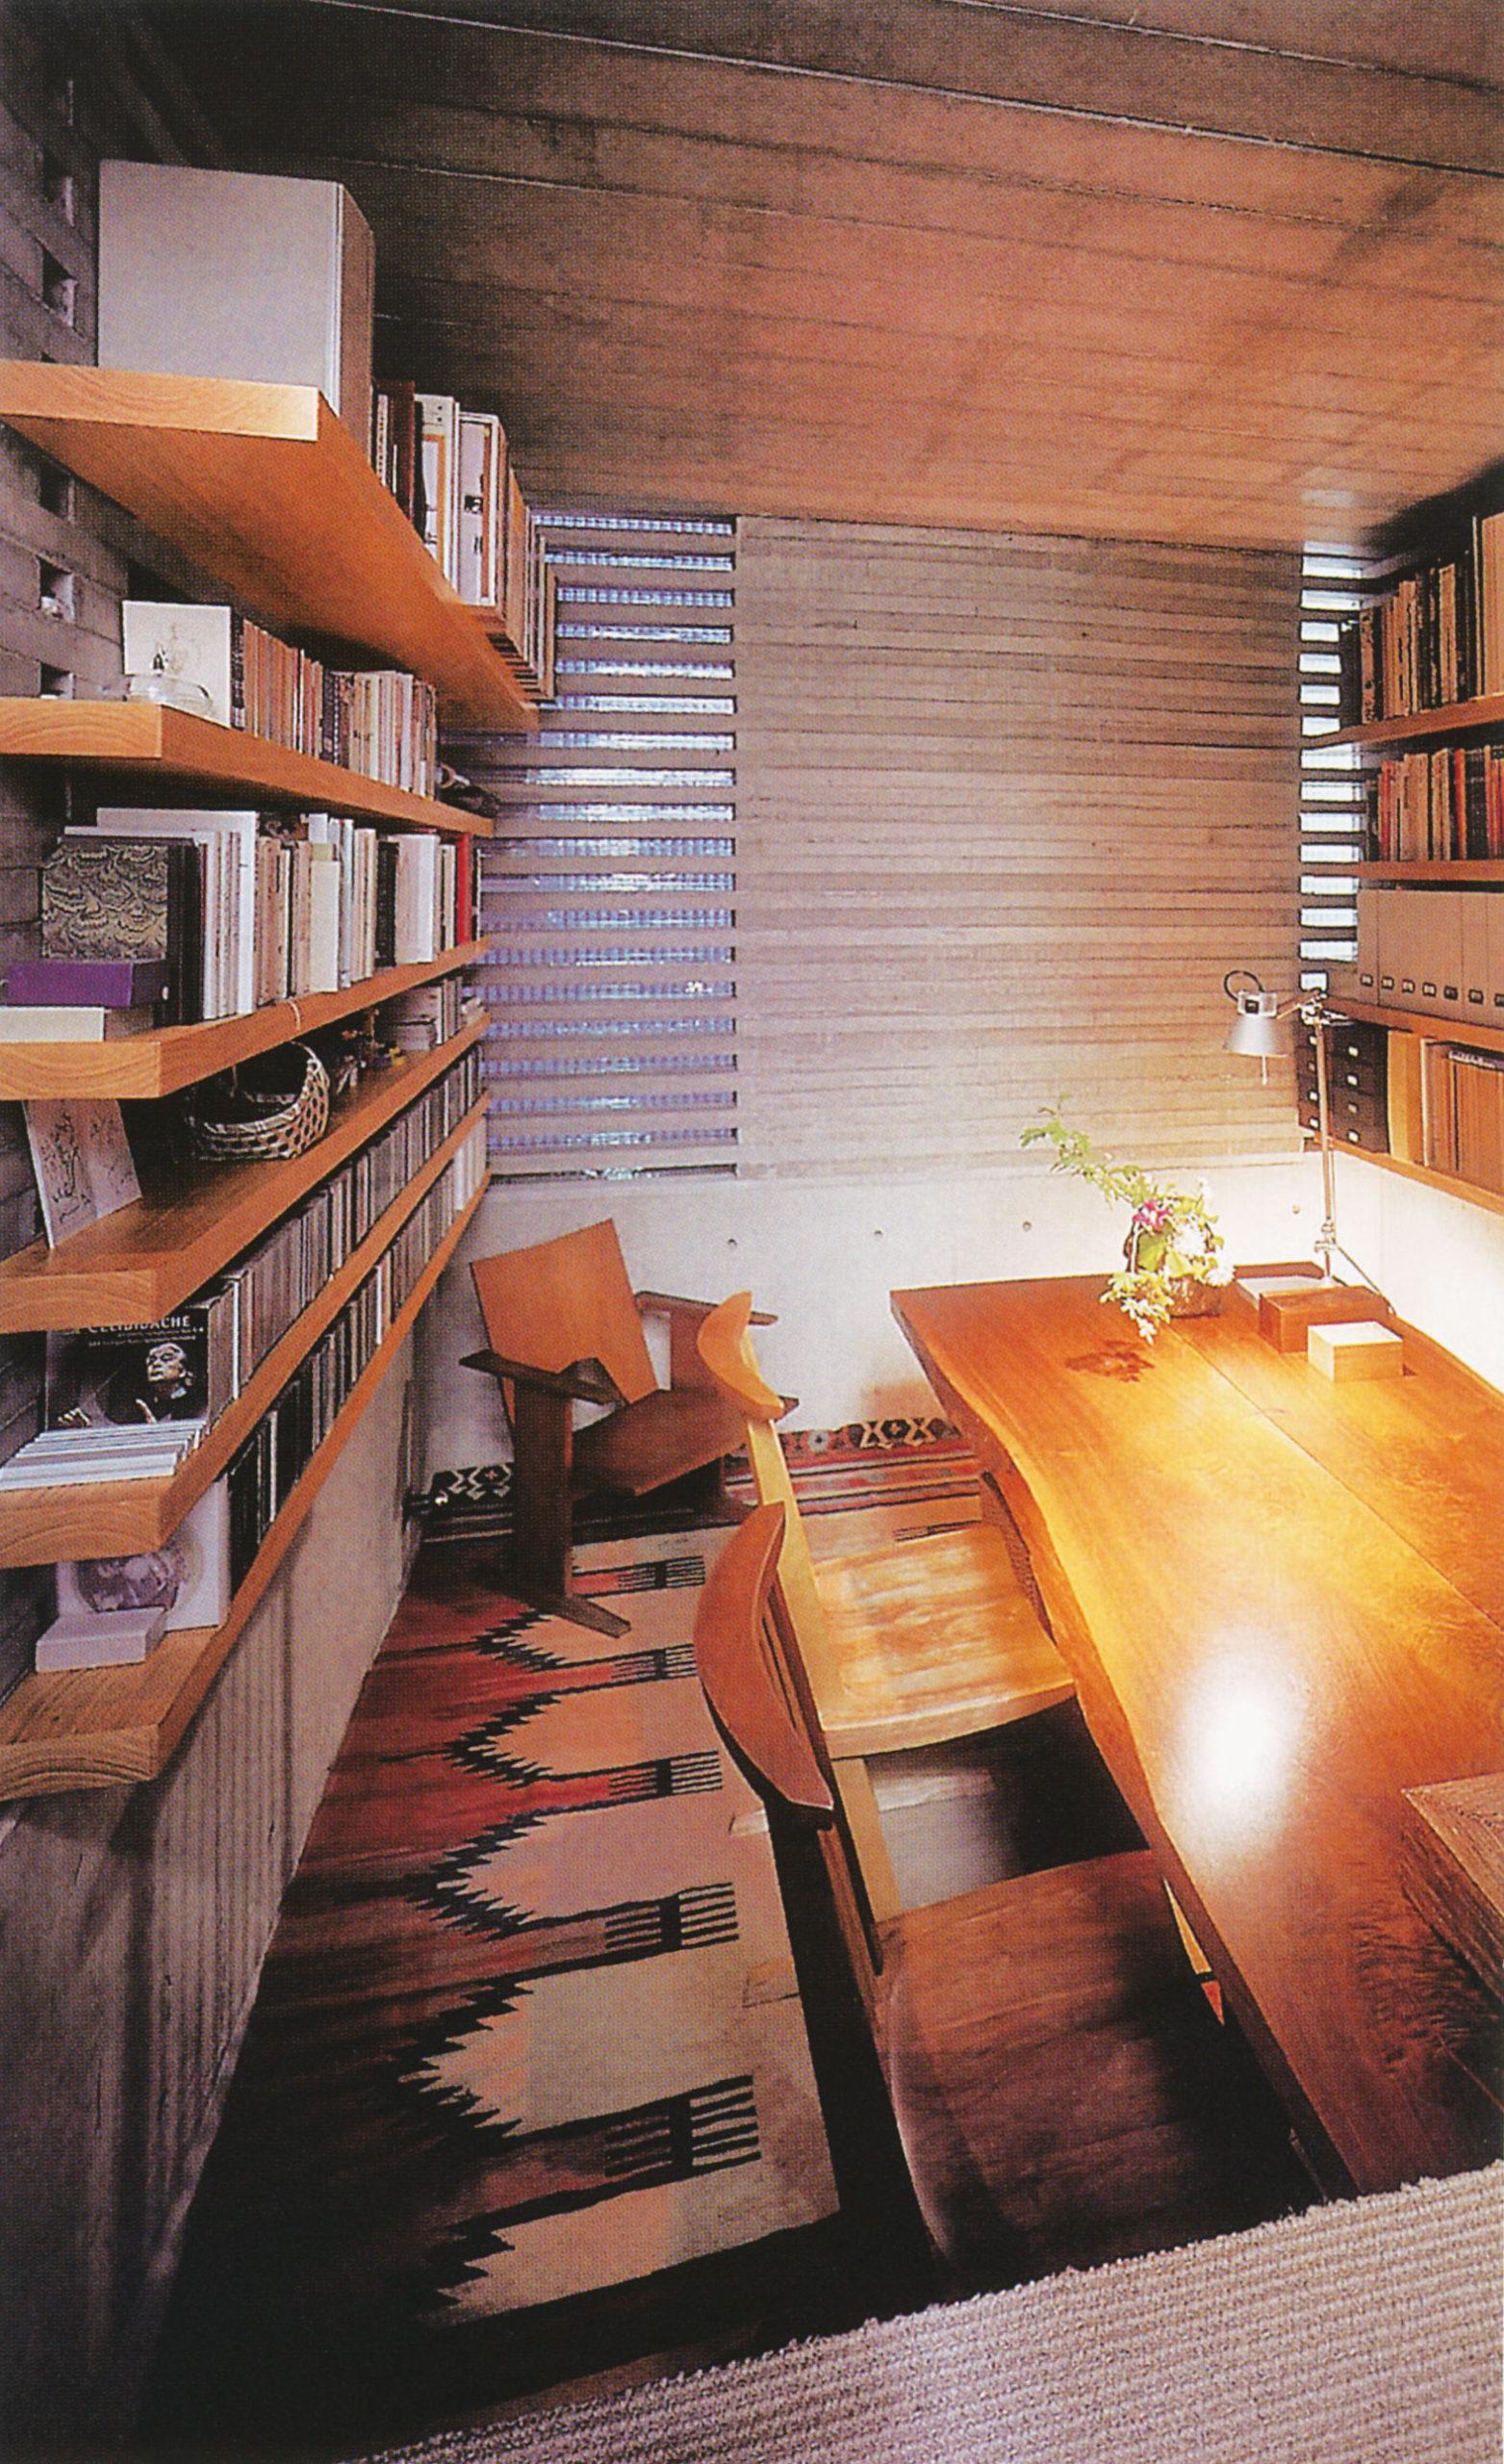 فضاهایی همچون حمام و دفتر کار که به حریم نور ملایمتری احتیاج دارند، در زیرزمین